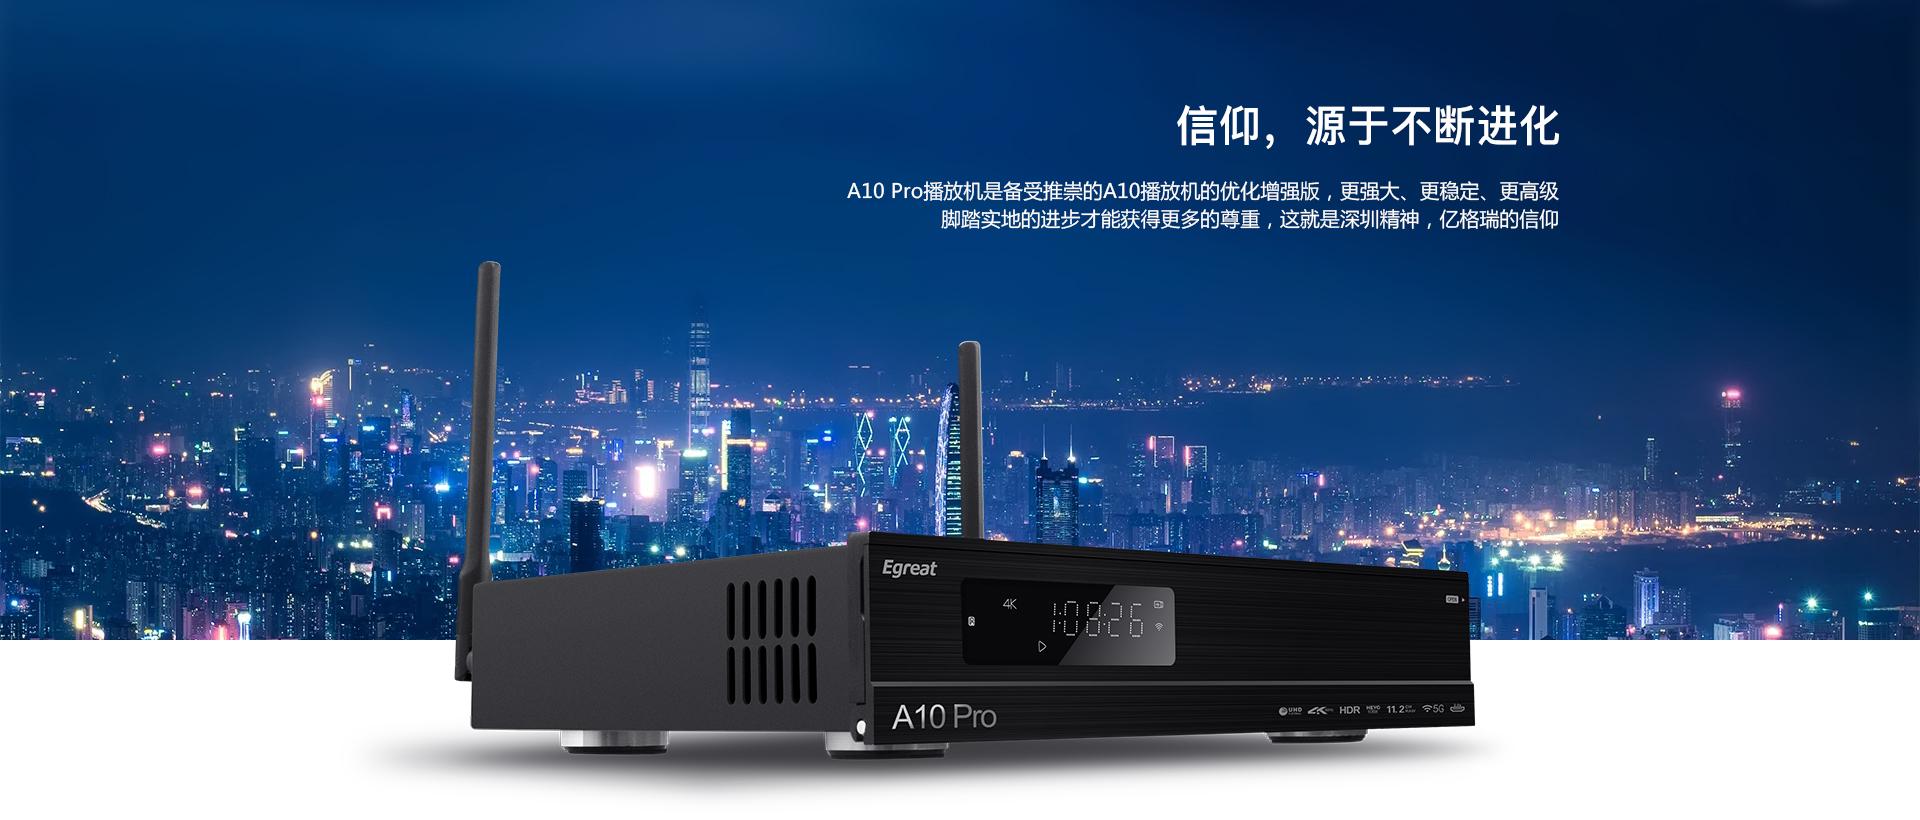 如何播放3d蓝光原盘_A10 Pro/A10 影院级家用播放机 | 亿格瑞官网 | 首页 | 高清播放器 ...